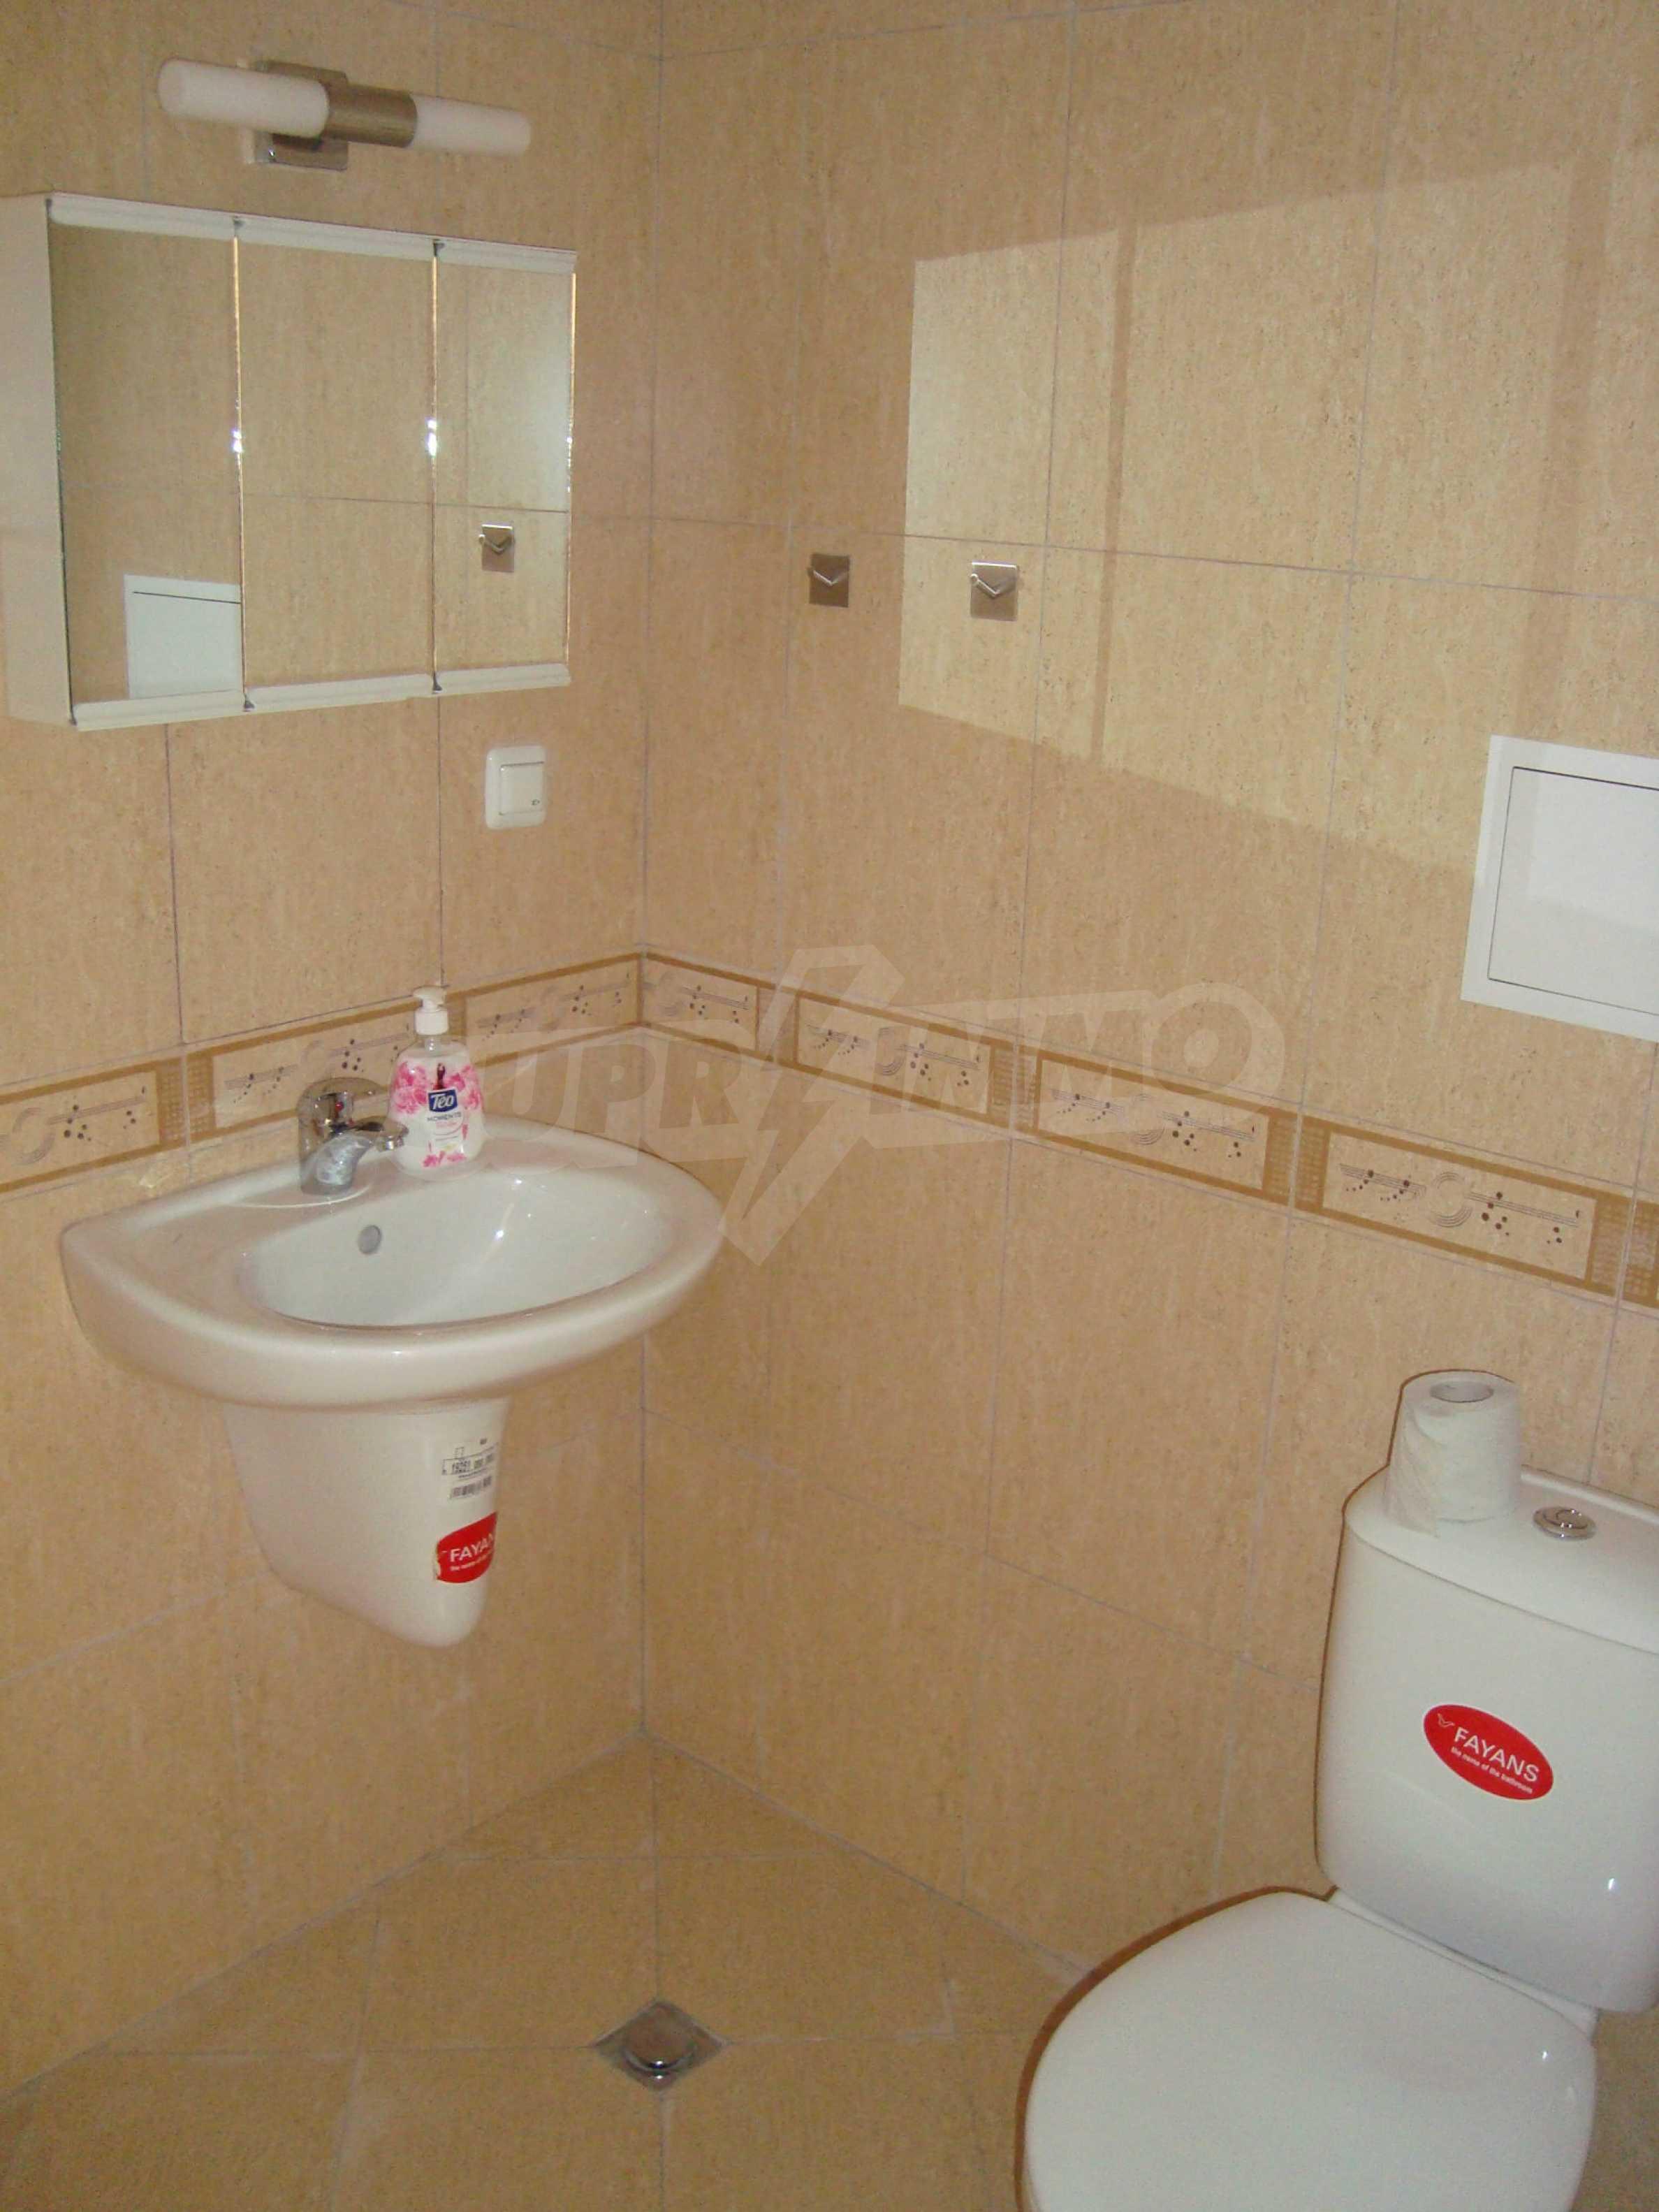 1-bedroom apartment in Kamelia Gardens complex in Sunny beach 12